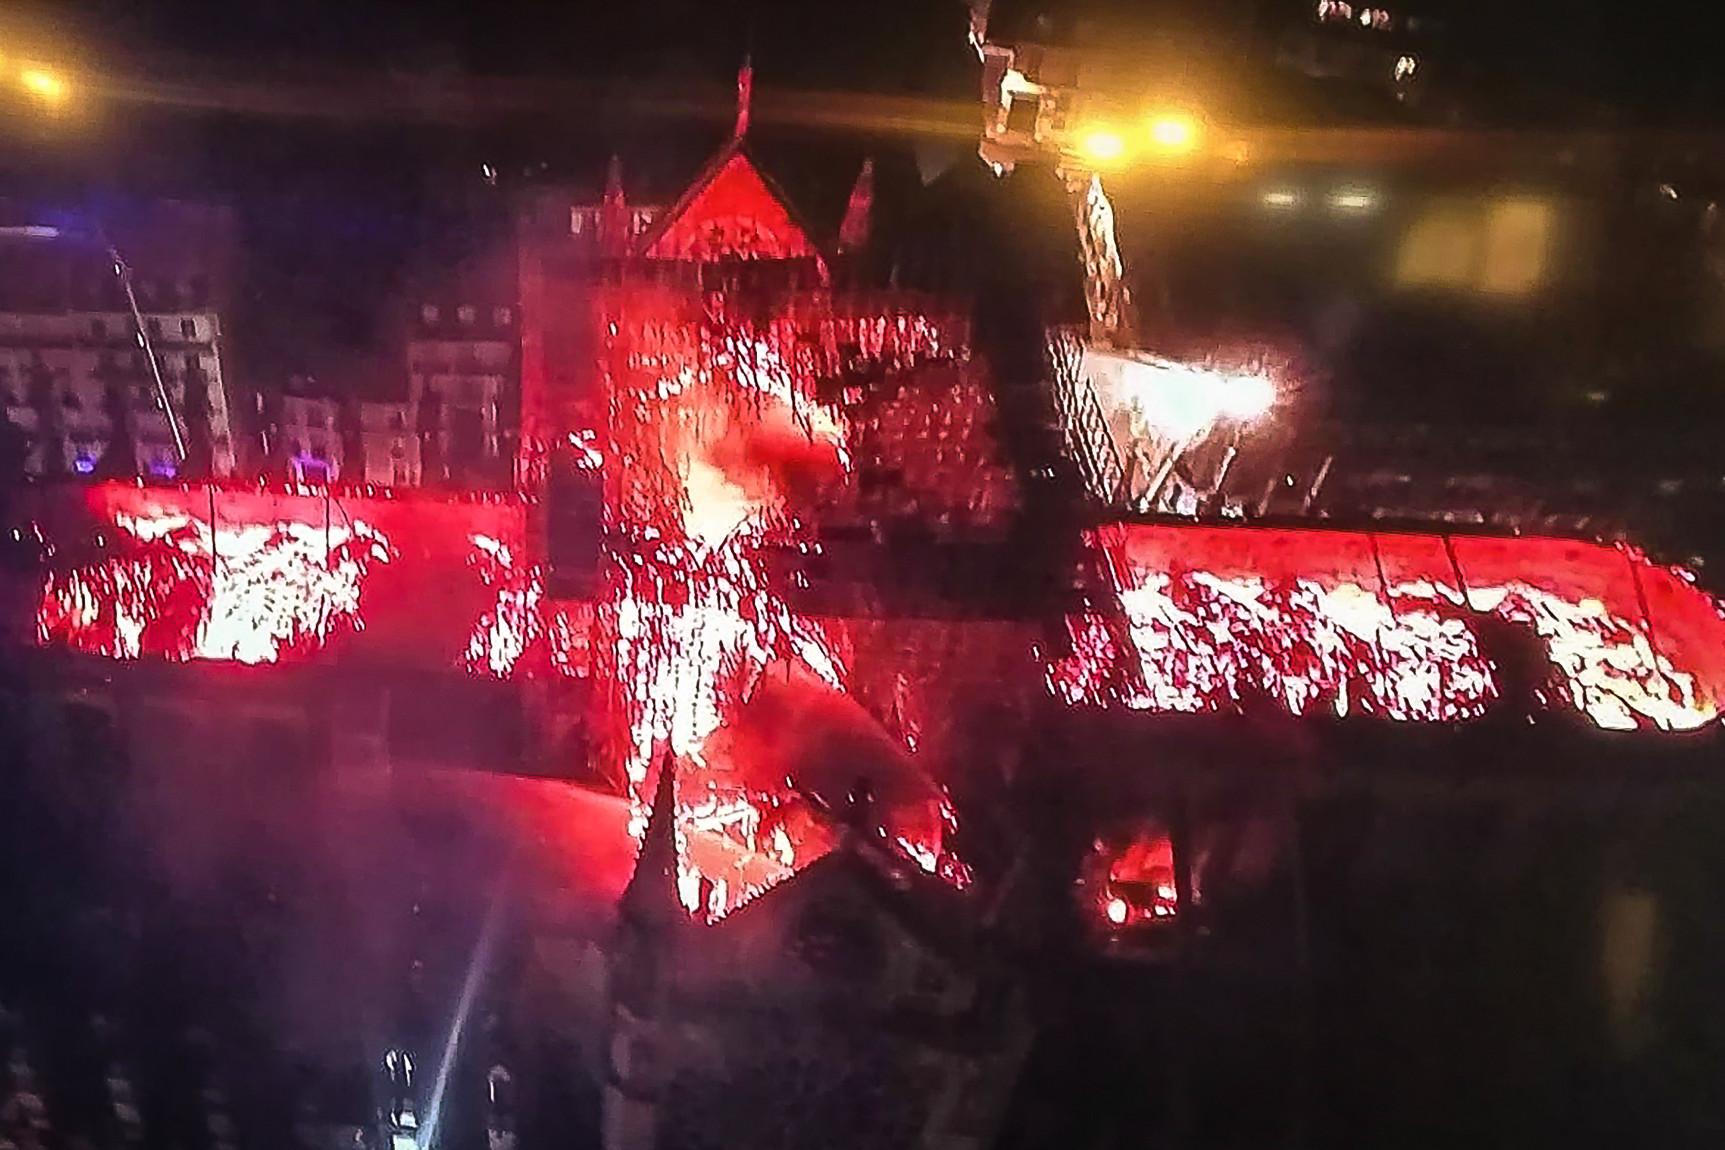 Fentről látszódik igazán, a lángok hatalmas pusztítást végeztek a székesegyház teljes tetőszerkezetében